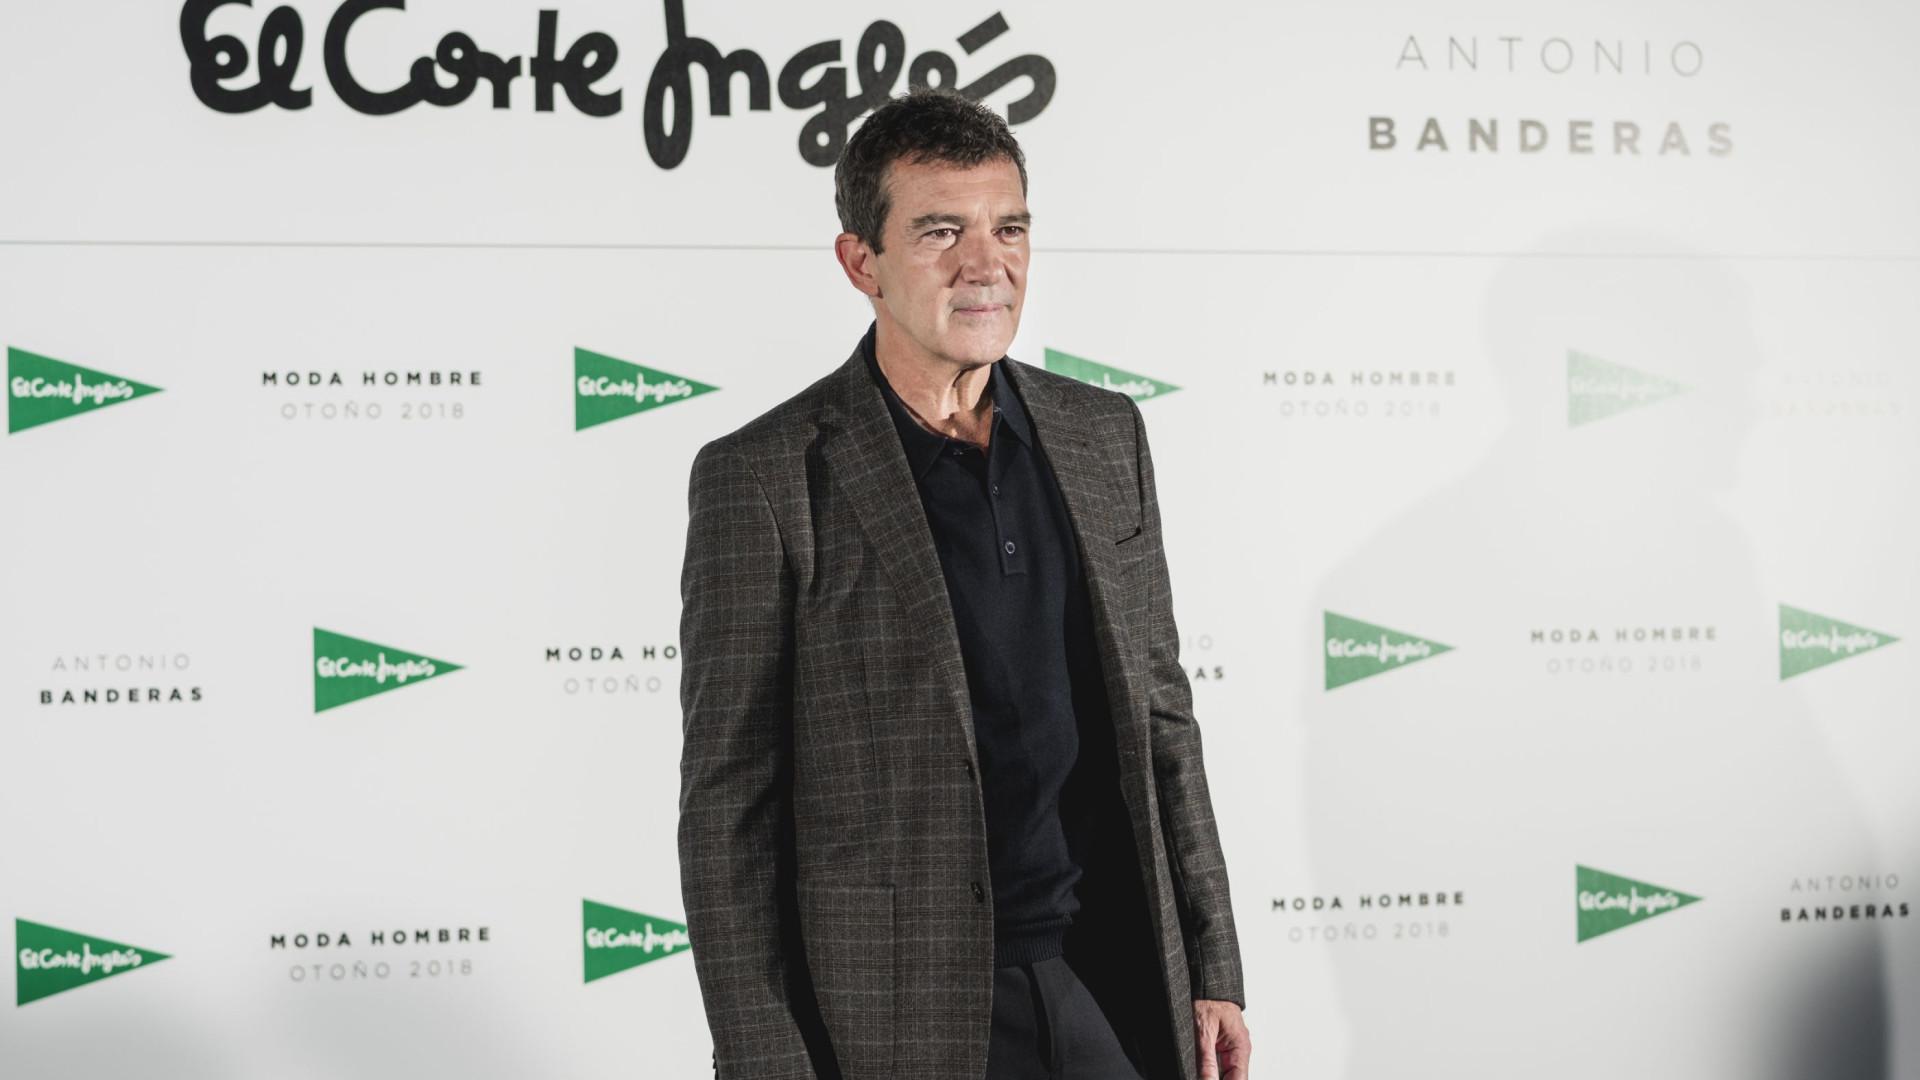 Antonio Banderas é a estrela da nova campanha de homem do El Corte Inglés